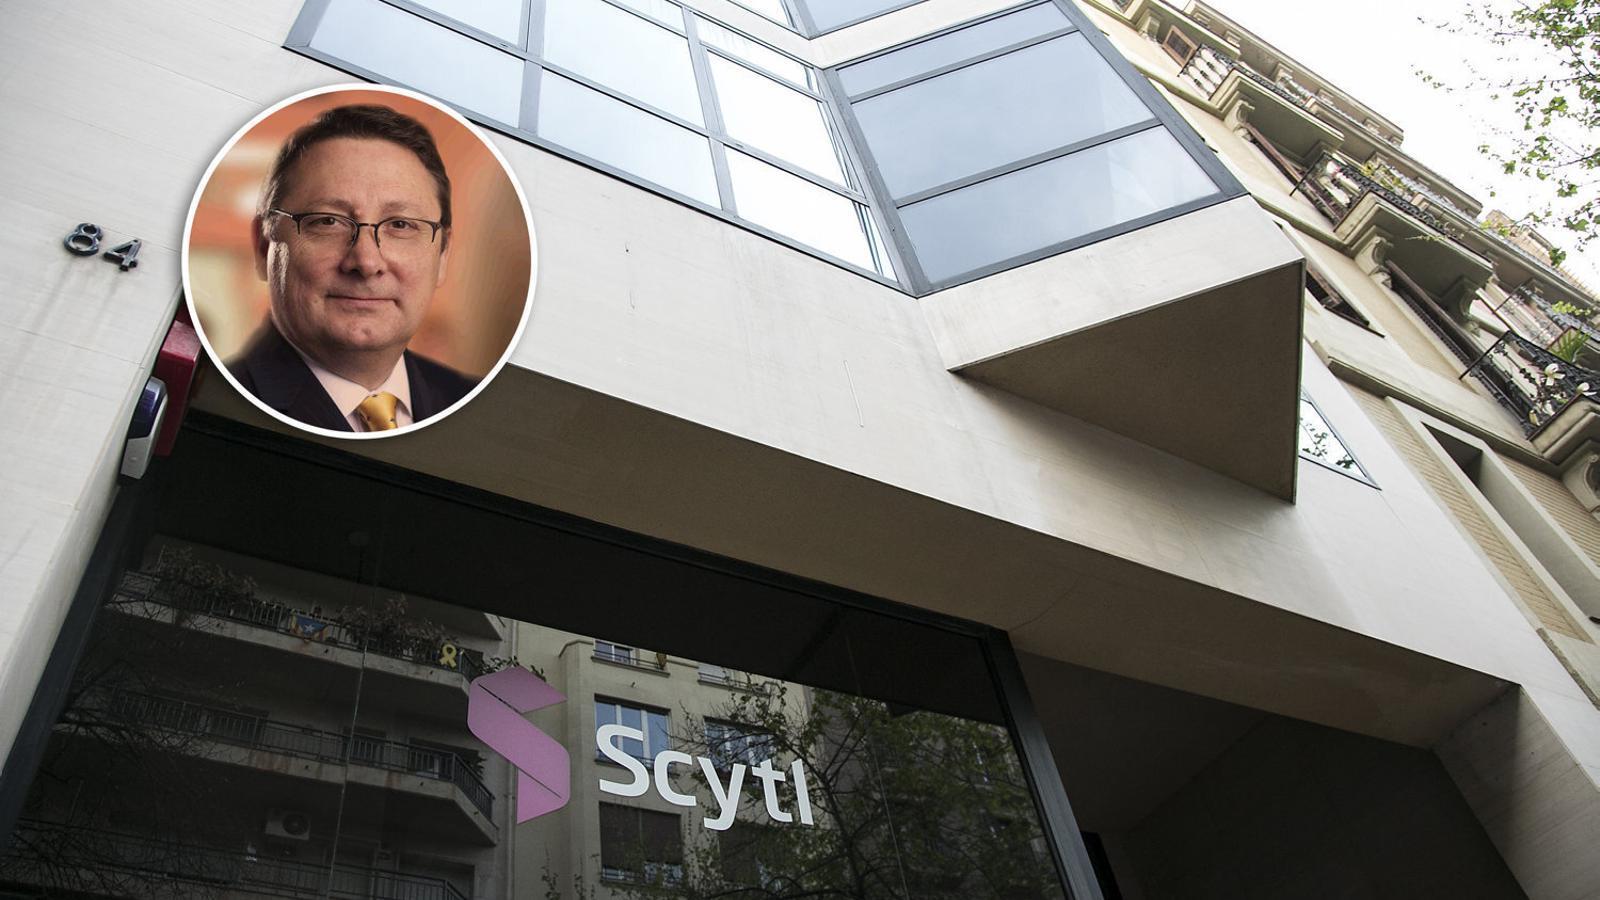 Service Point busca més inversions després de comprar Scytl